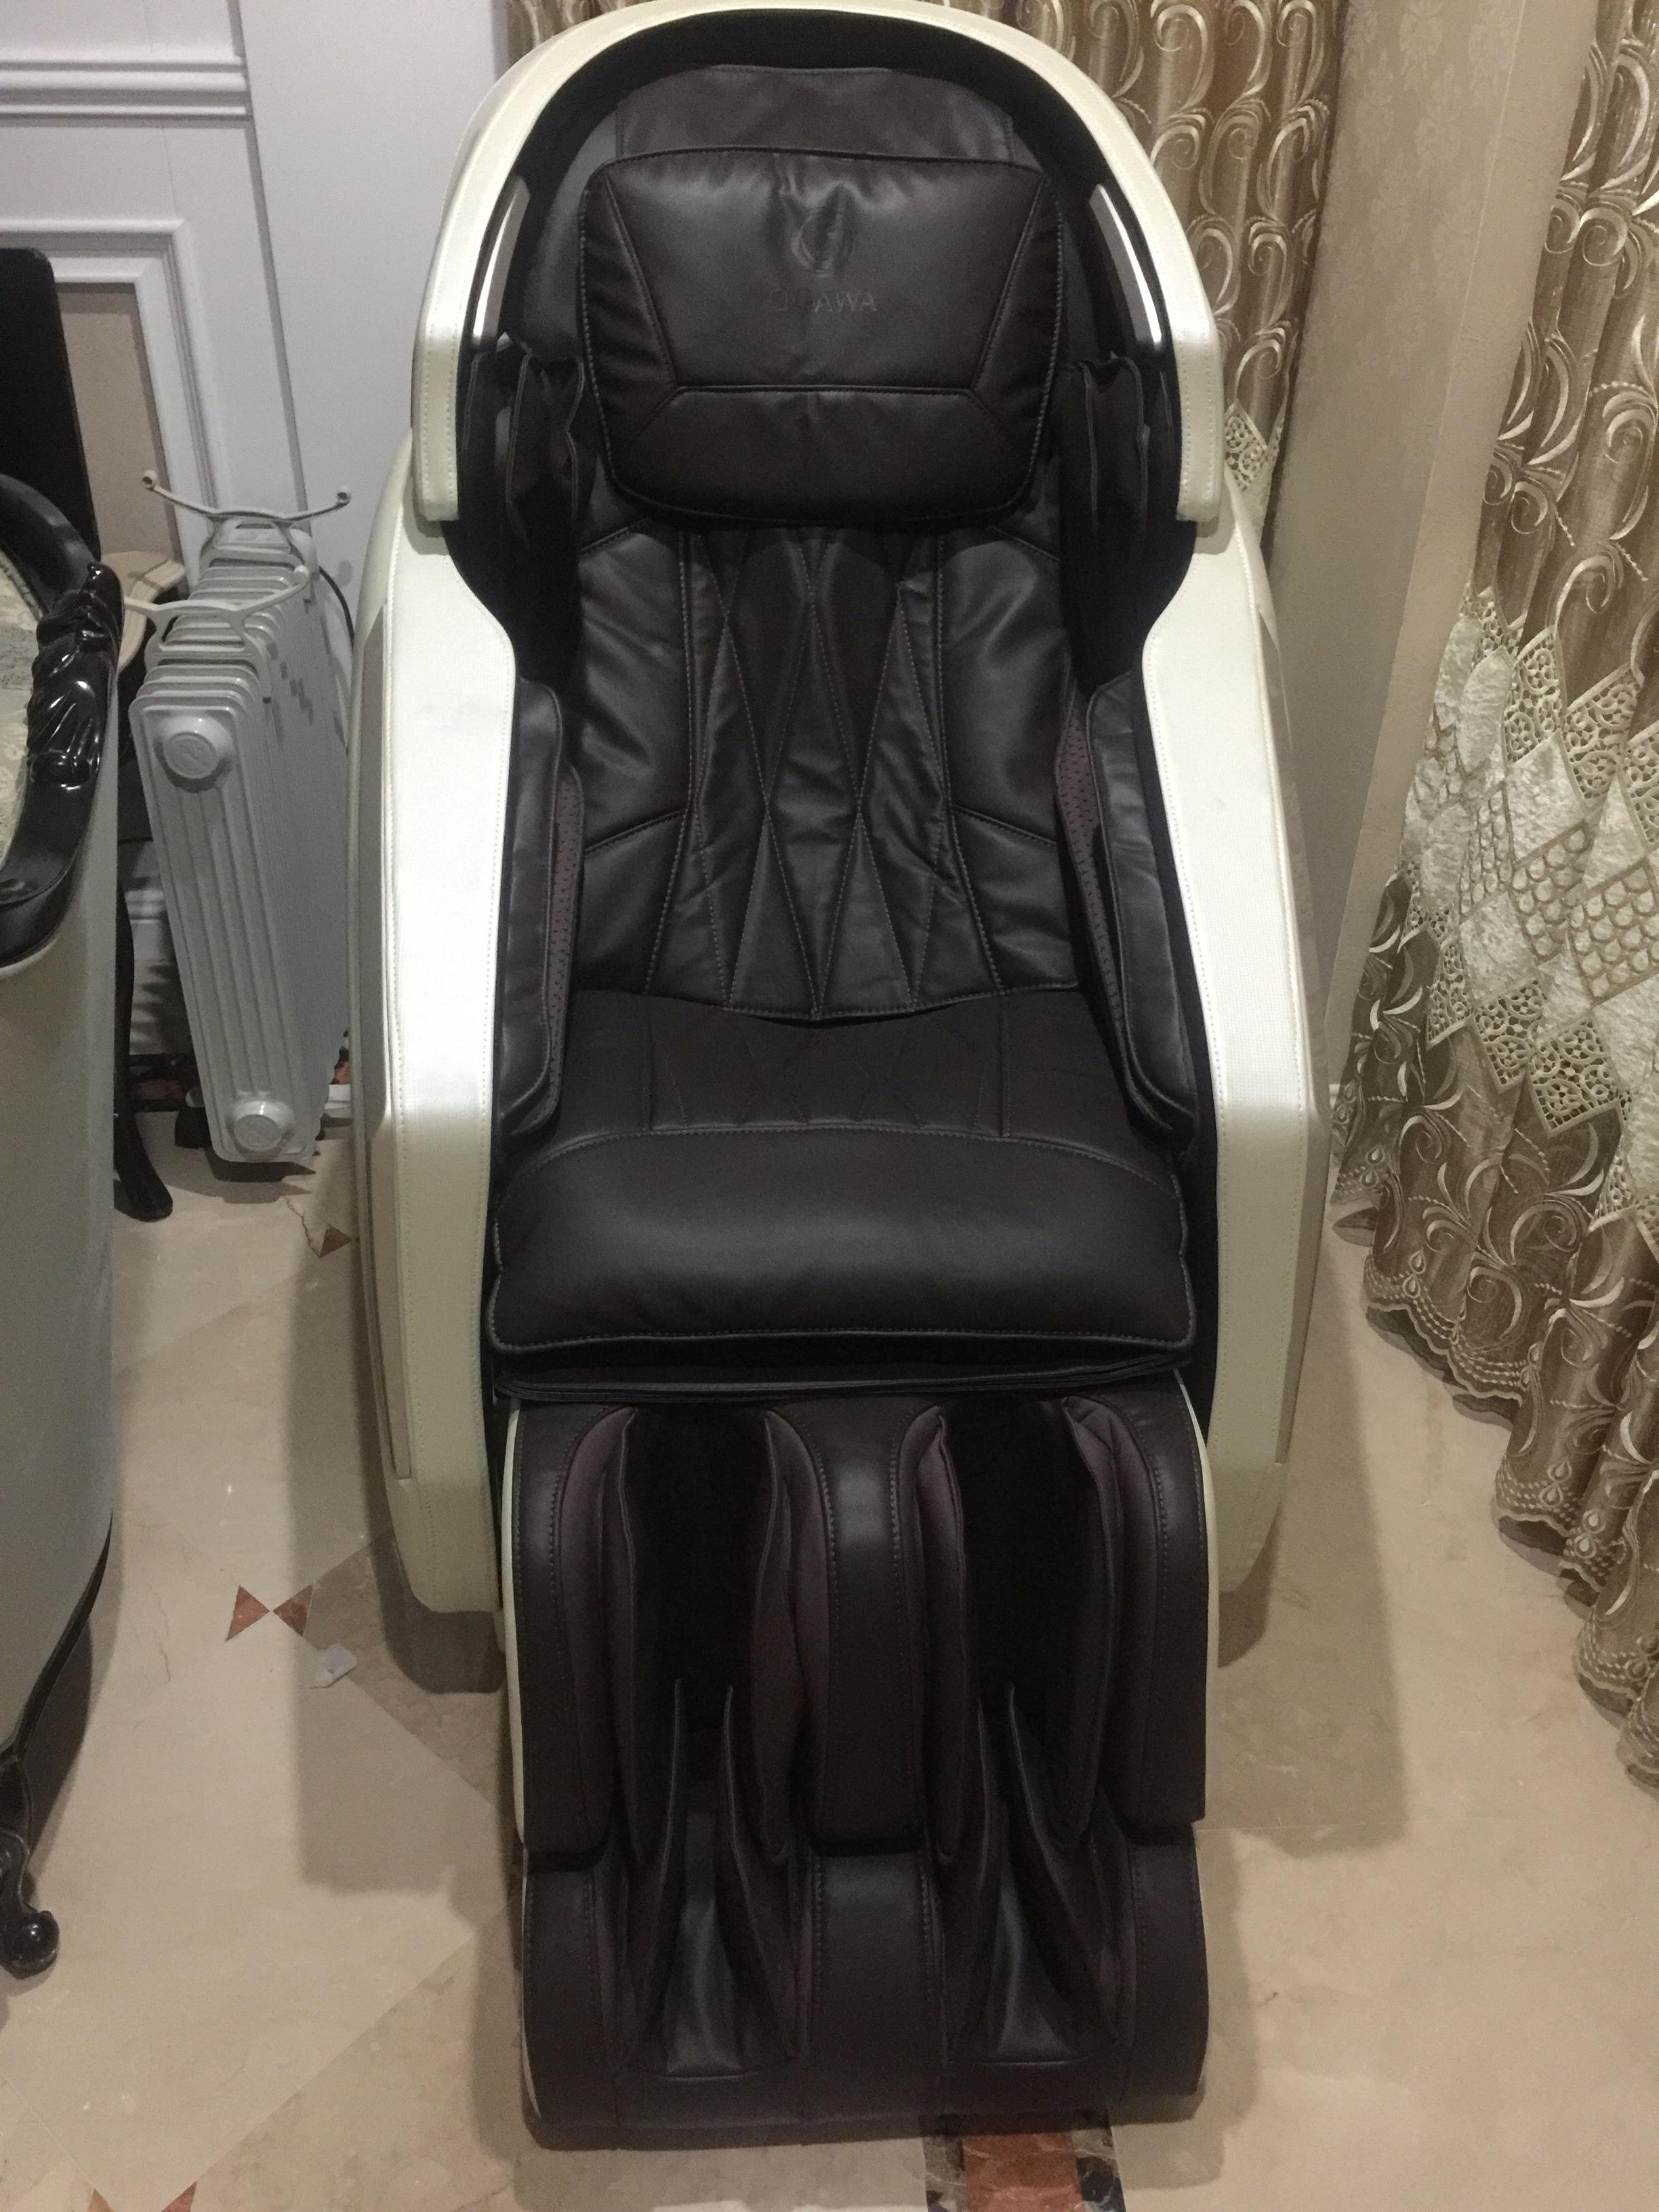 入手评价一下奥佳华OG-7505按摩椅哪个好,老铁了解